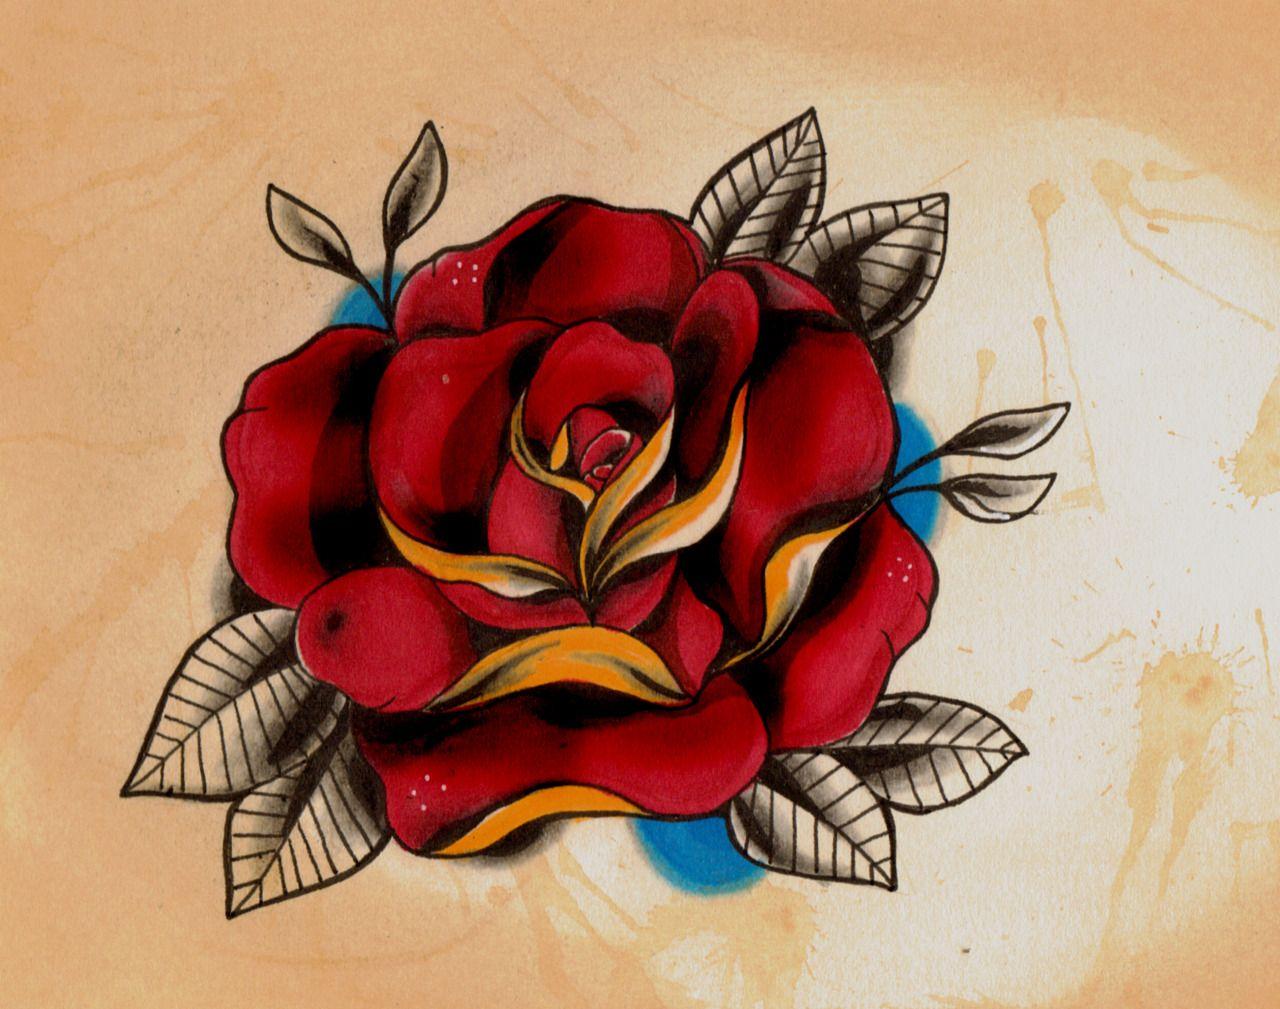 diseños típicos tatuajes tradicionales para hombres y mujeres, rosa roja, diseño clásico en colores intensos, tatuajes old school rosas